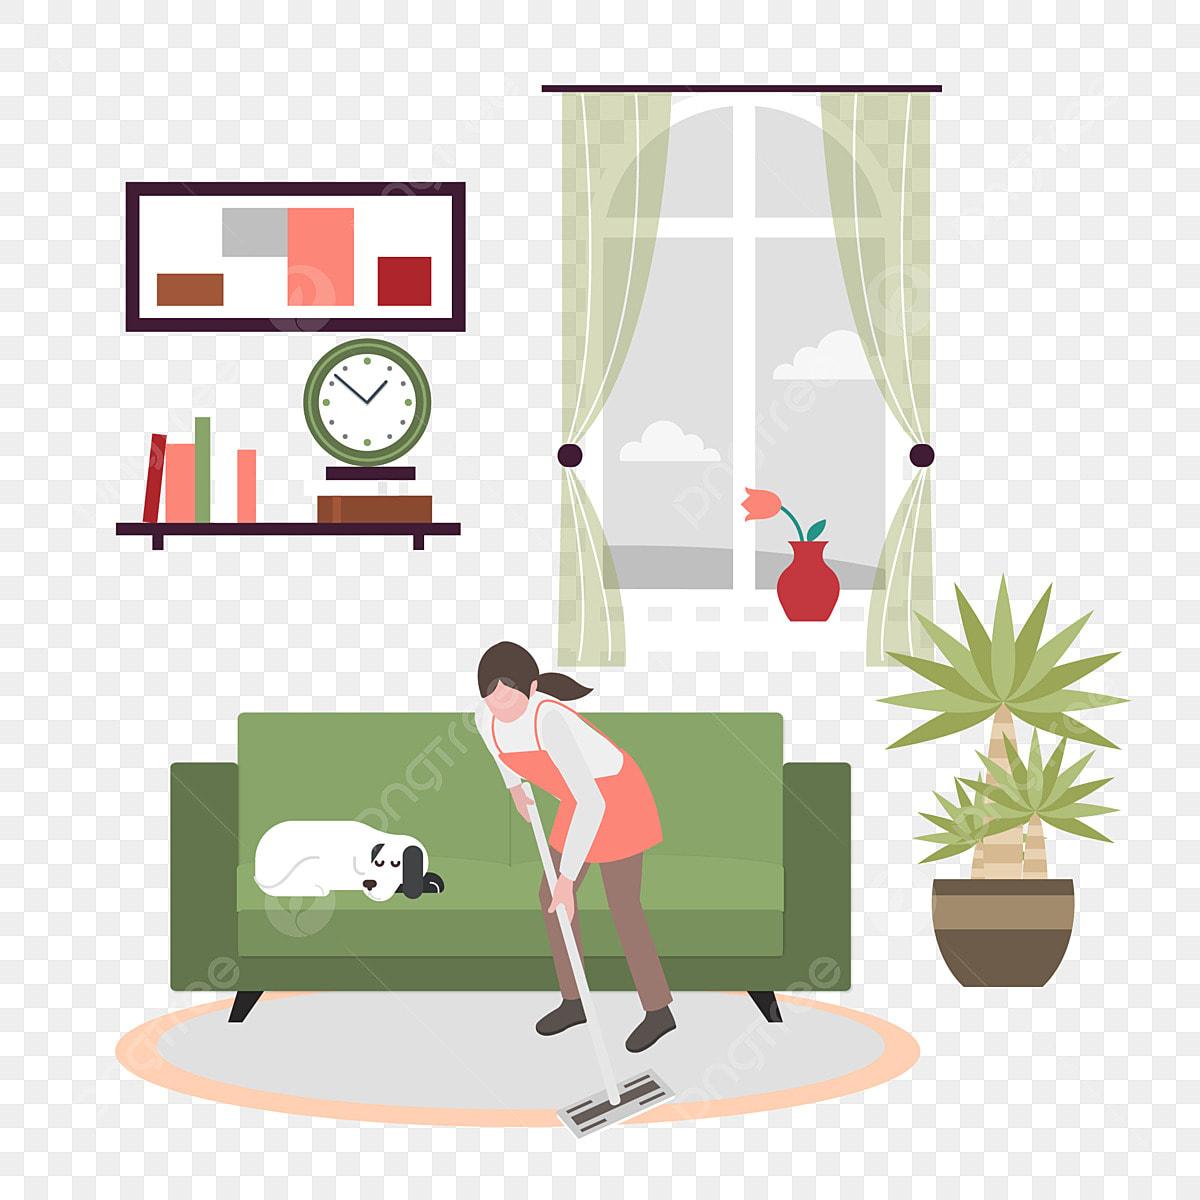 Mujer Limpiando La Habitación Trabajo De Casa Acabado Limpiar Sala De Imágenes Prediseñadas Interior Familia Png Y Vector Para Descargar Gratis Pngtree